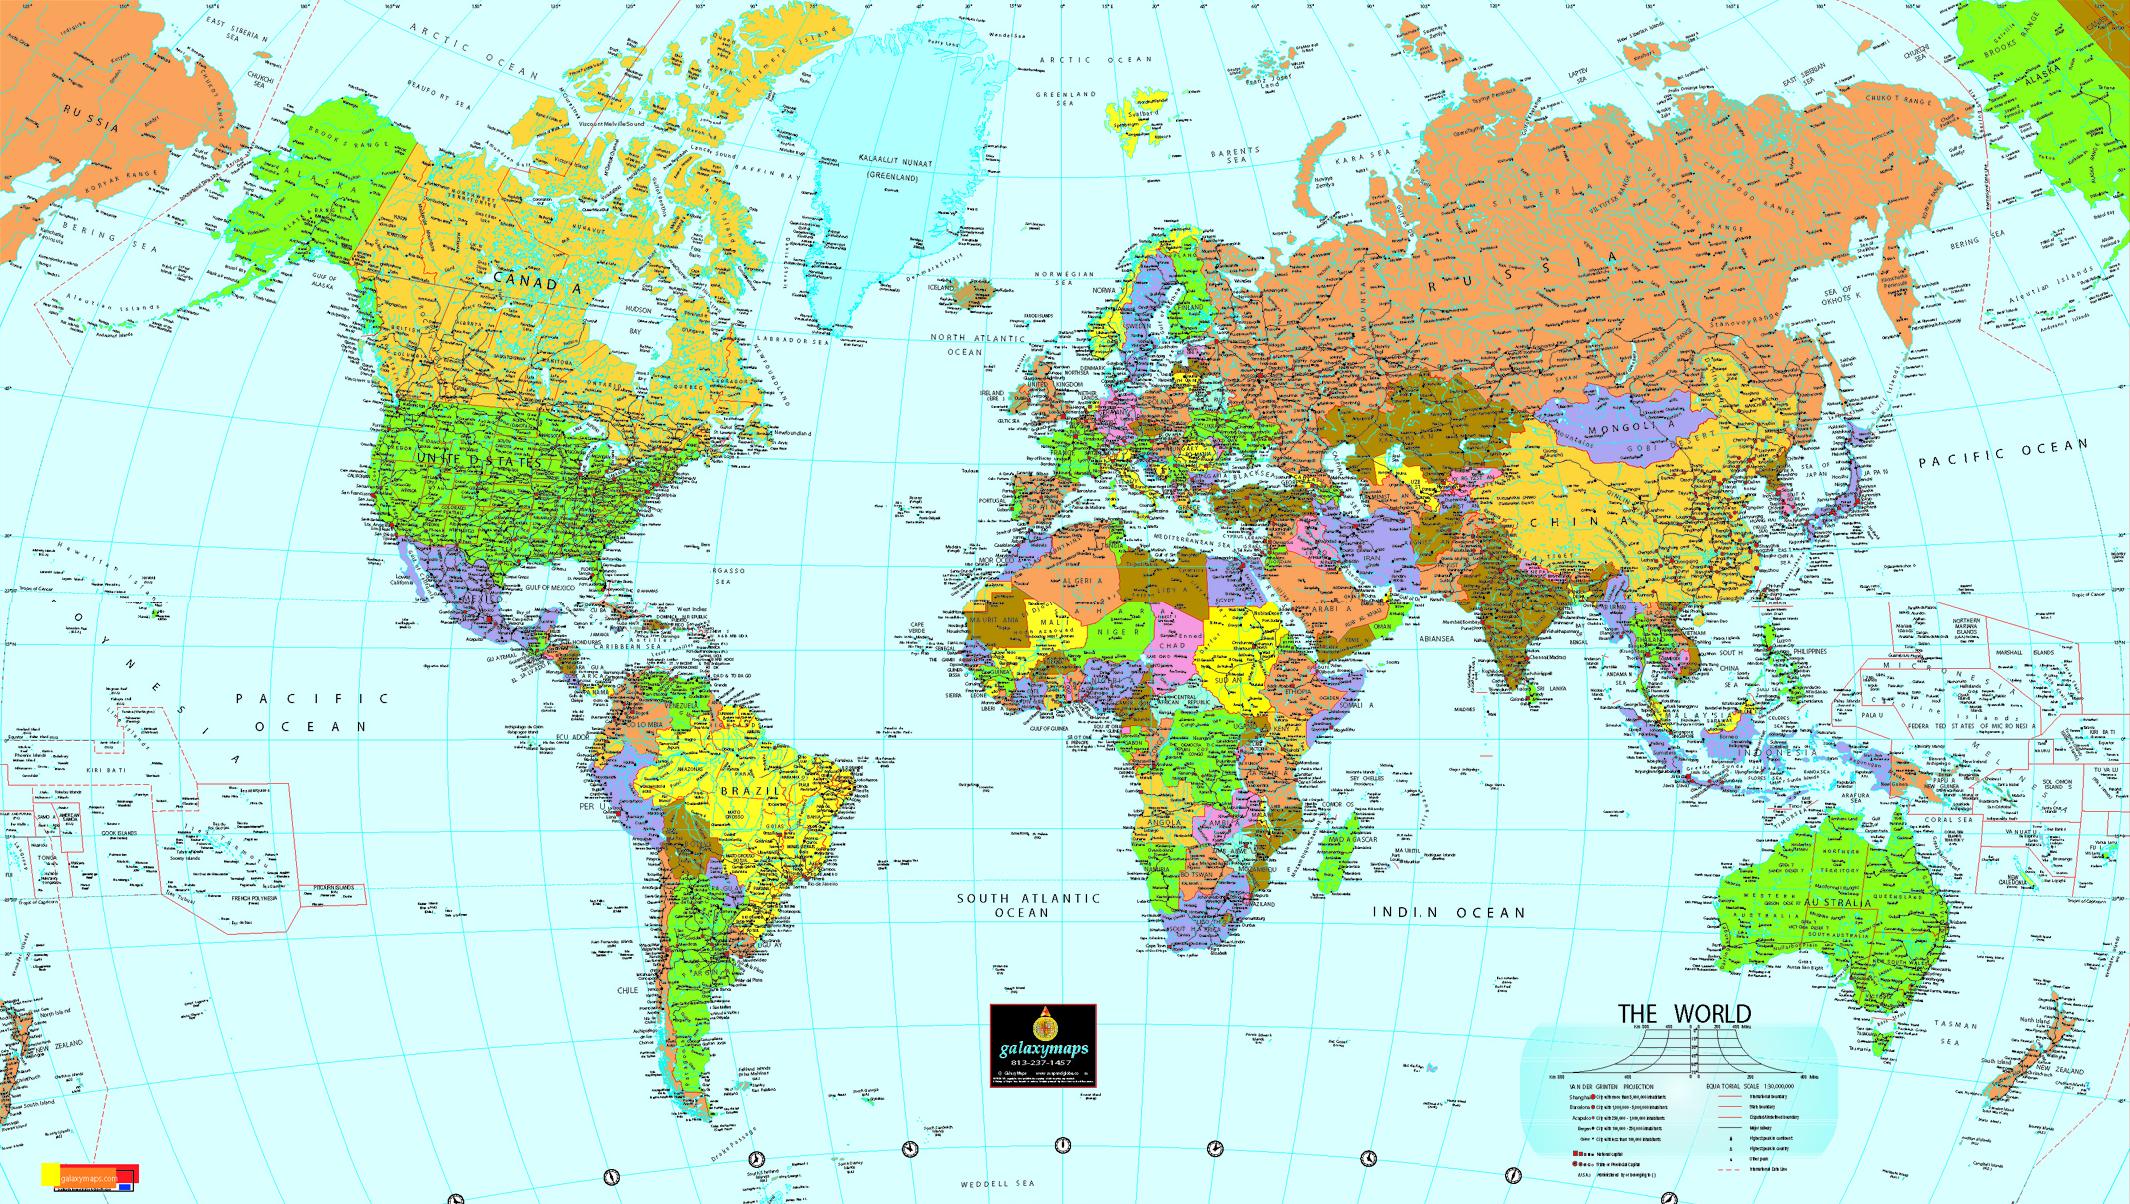 Mapa politico del mundog 21301204 school stuff pinterest ddd85b5285ae0cc79f5d42fc45029a81g gumiabroncs Image collections